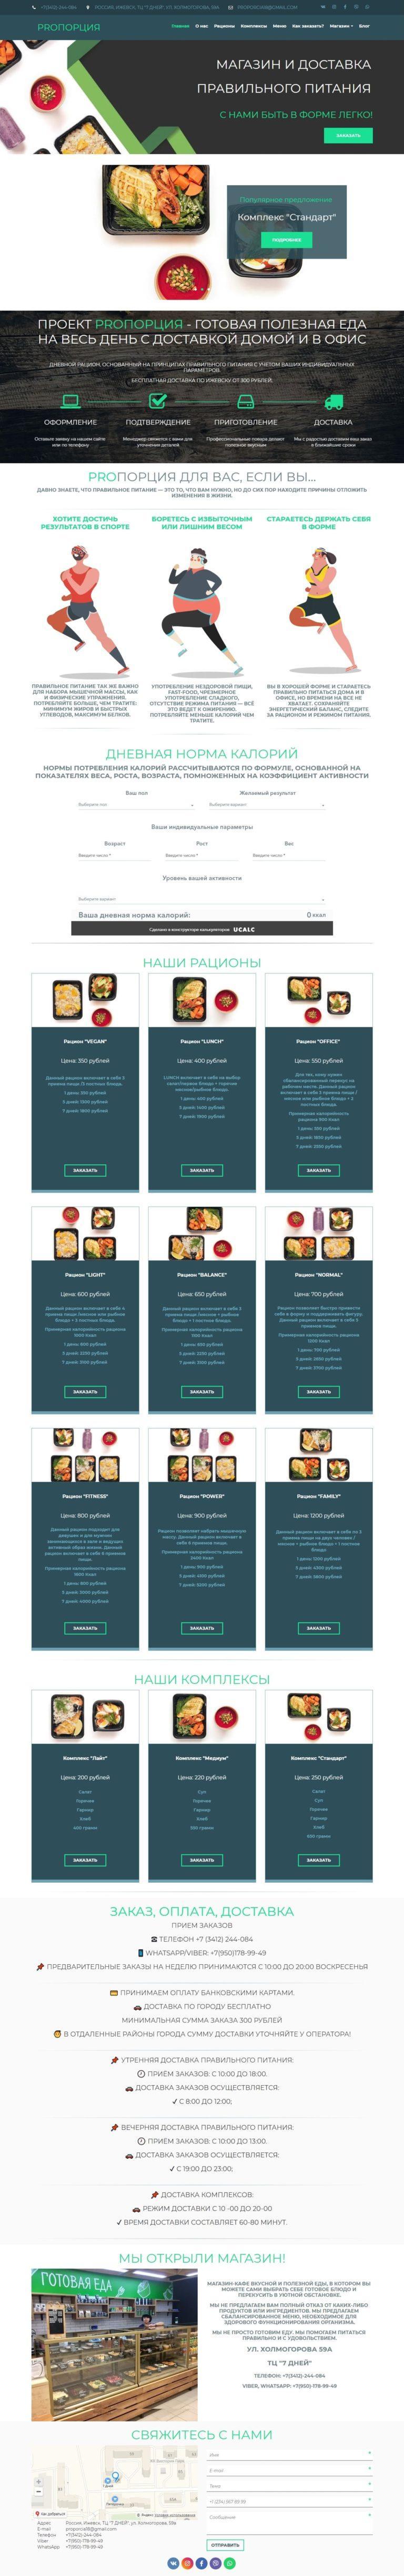 Сайт заказа здоровой и полезной пищи